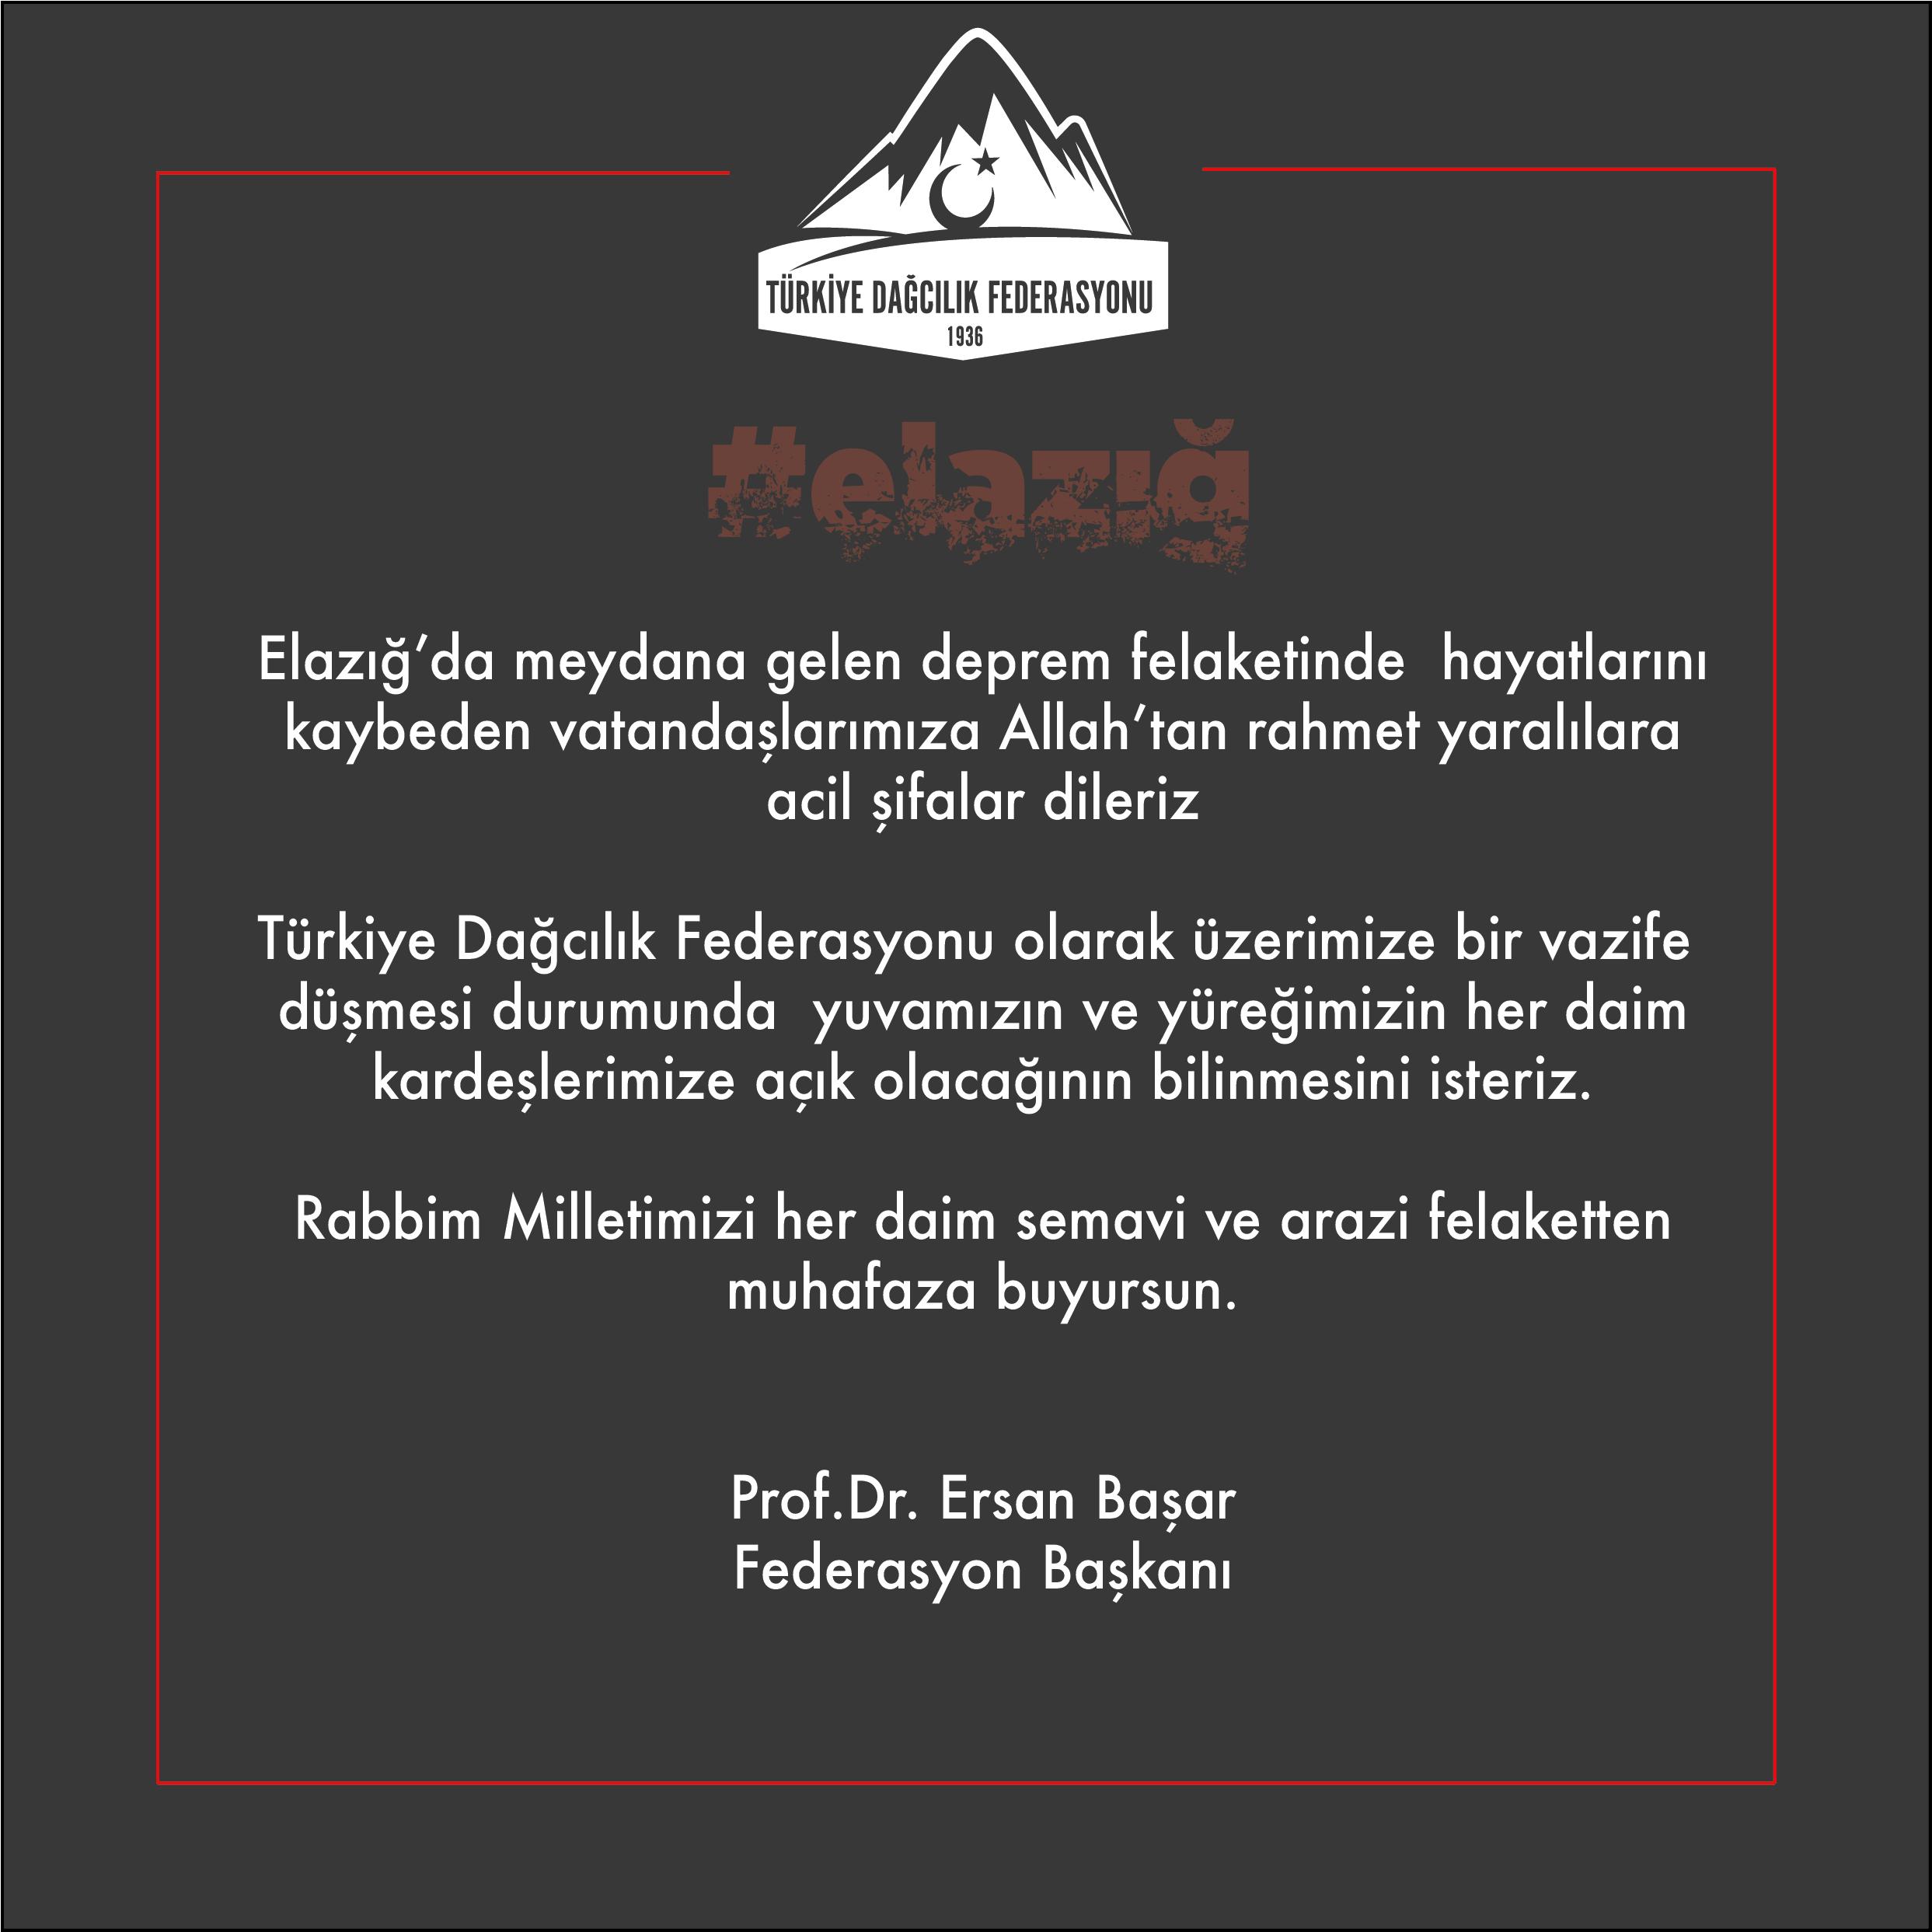 #Elazığ